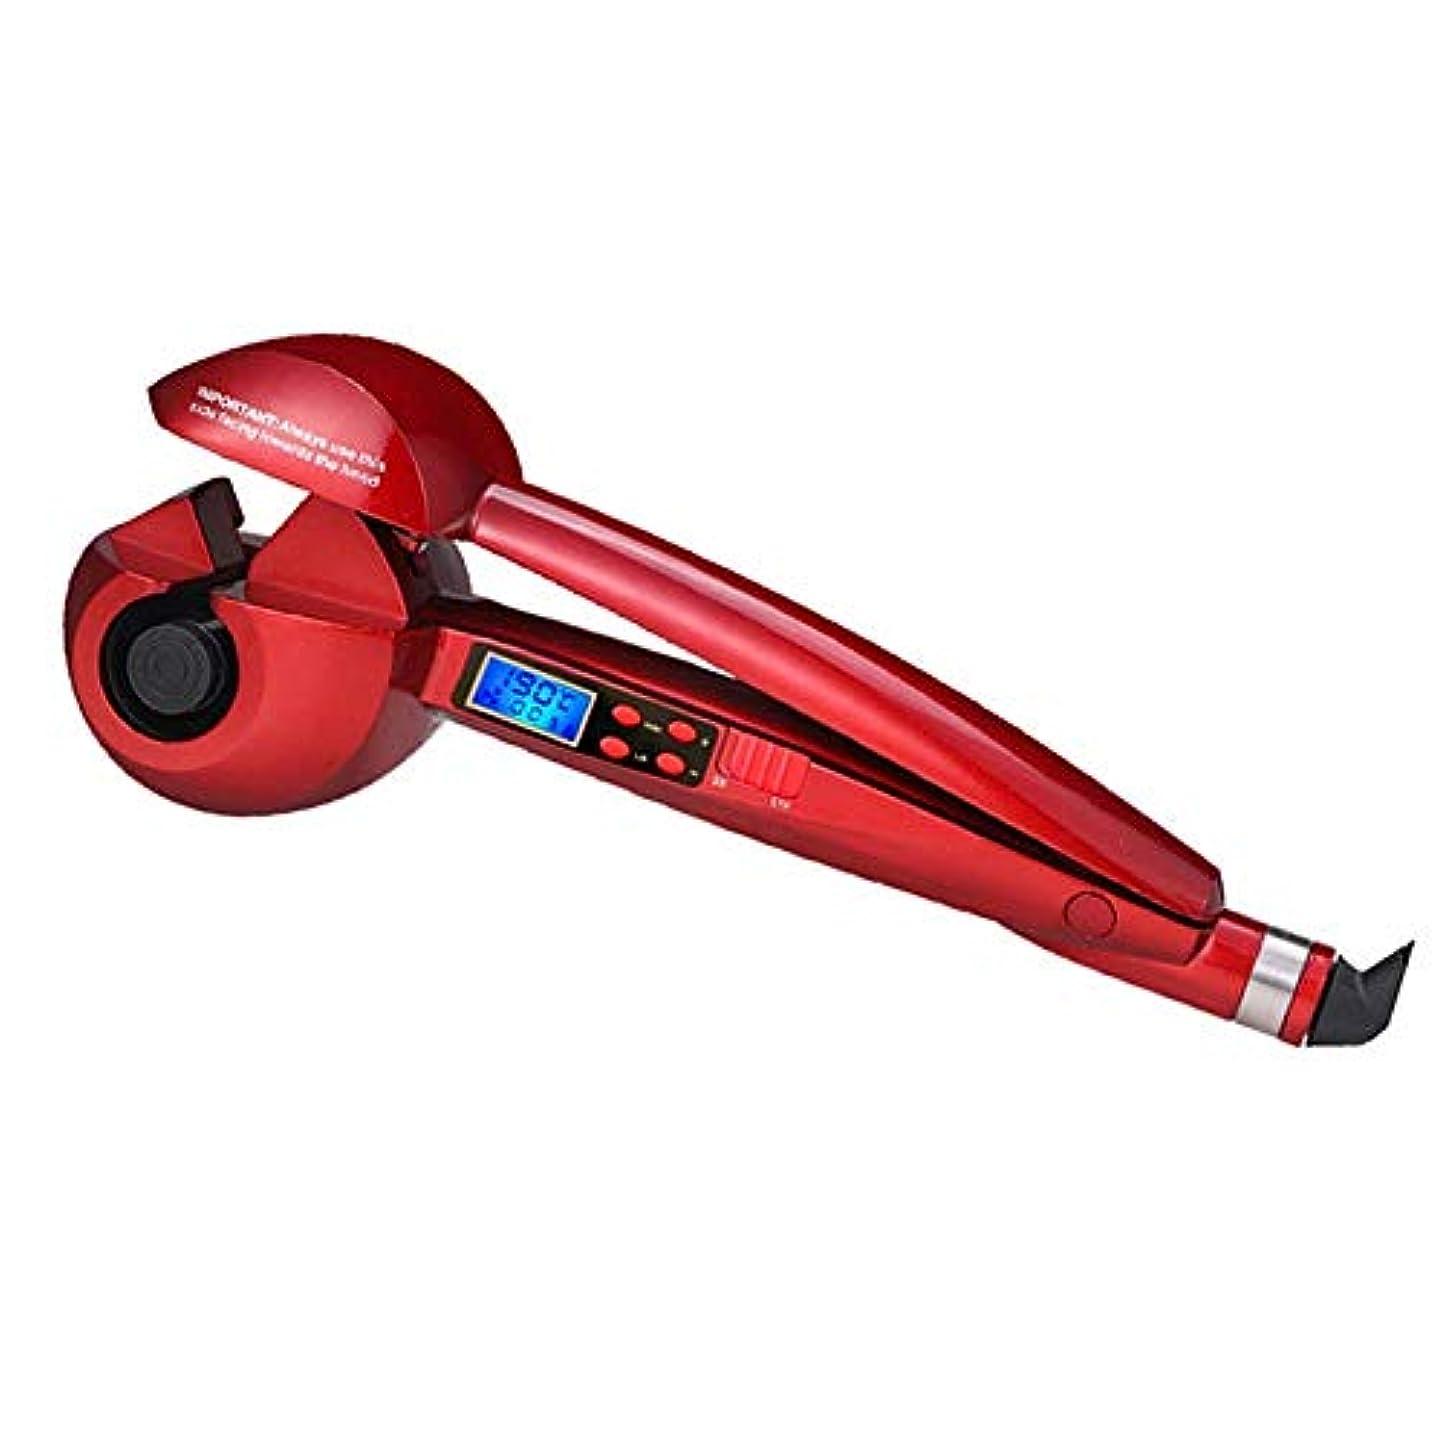 メモ遠い典型的なナノセラミック自動ヘアカーラー多機能スピードホット液晶デジタルディスプレイ調節可能な温度電気カーリングアイロン、赤 (Color : Red)